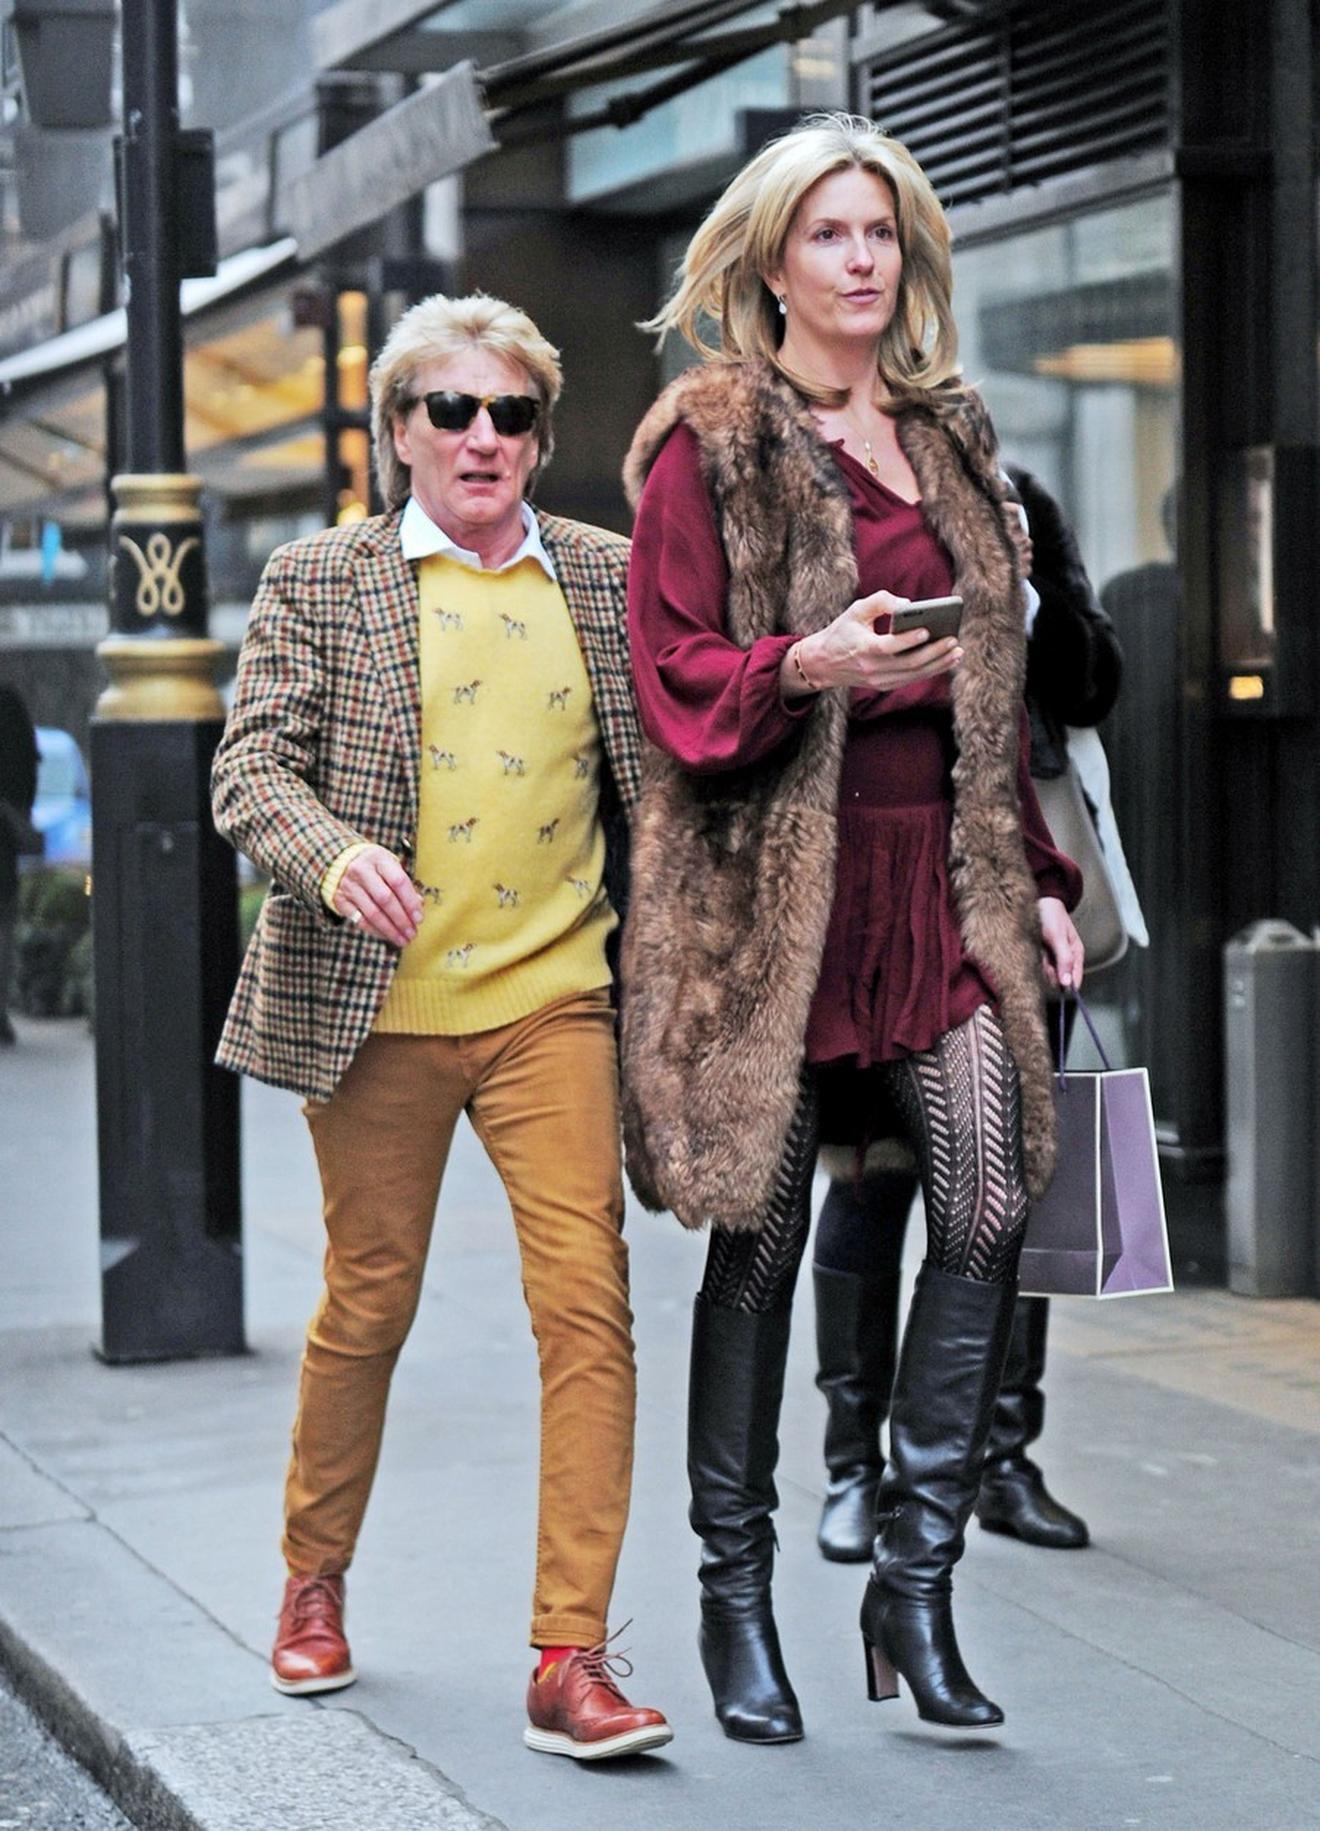 Da, ona je stvarno ovoliko viša od njega